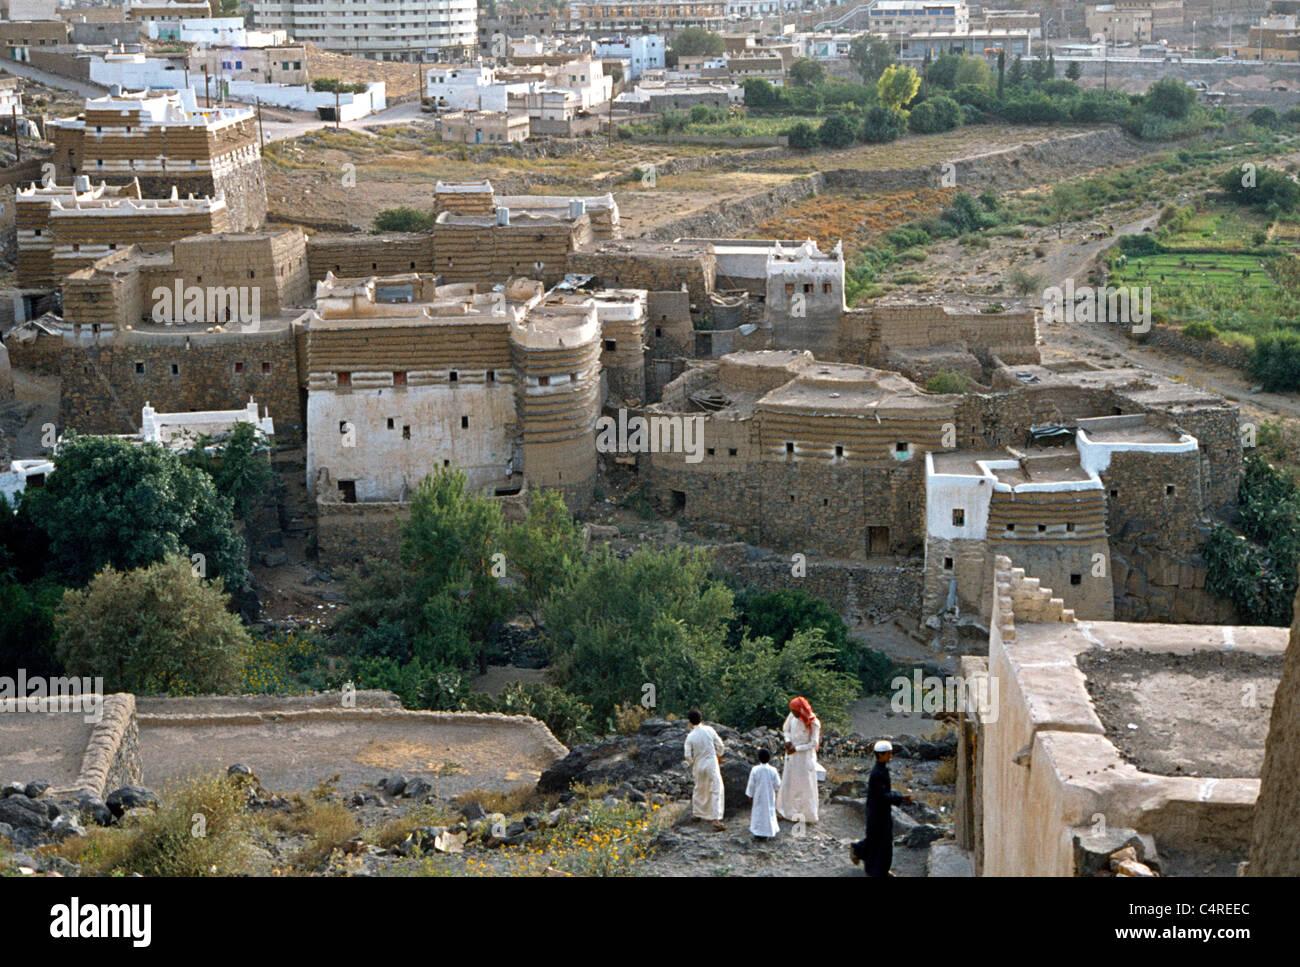 Abha Saudi High Resolution Stock Photography And Images Alamy